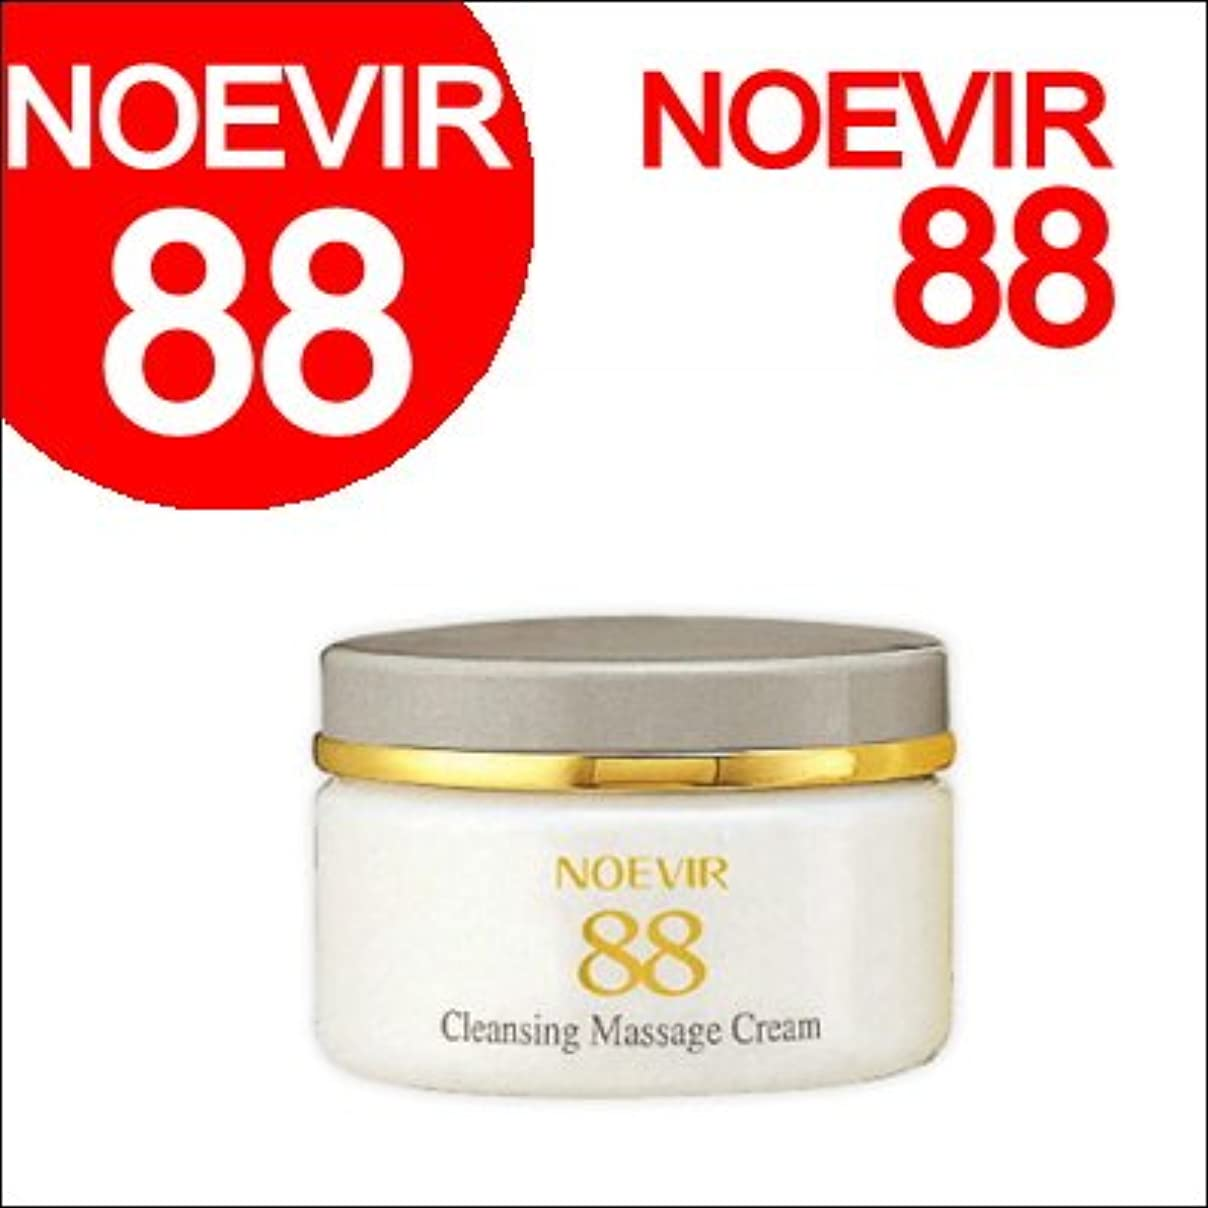 ベルベット香ばしい精巧なノエビア 88 クレンジングマッサージクリーム 110g [並行輸入品]